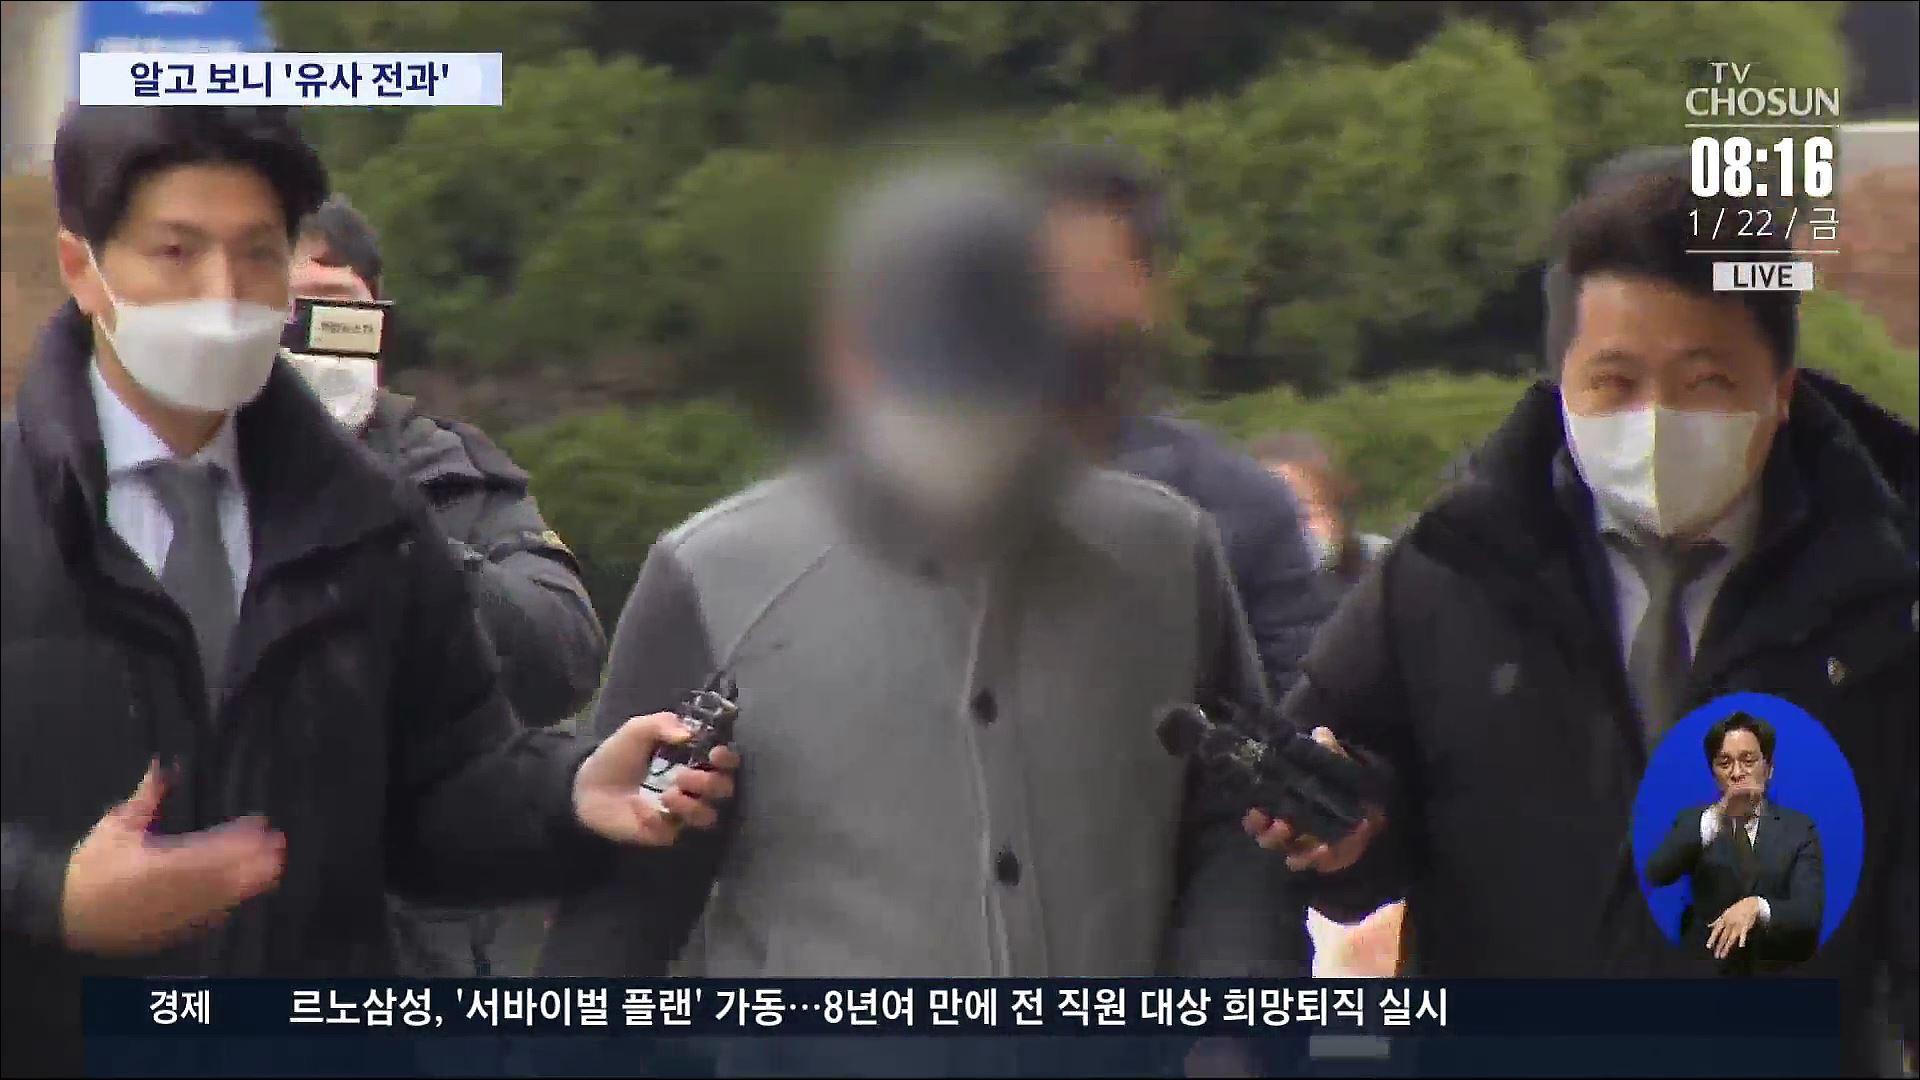 '유사 전과 있다' 아파트 보안요원 폭행 입주민 구속